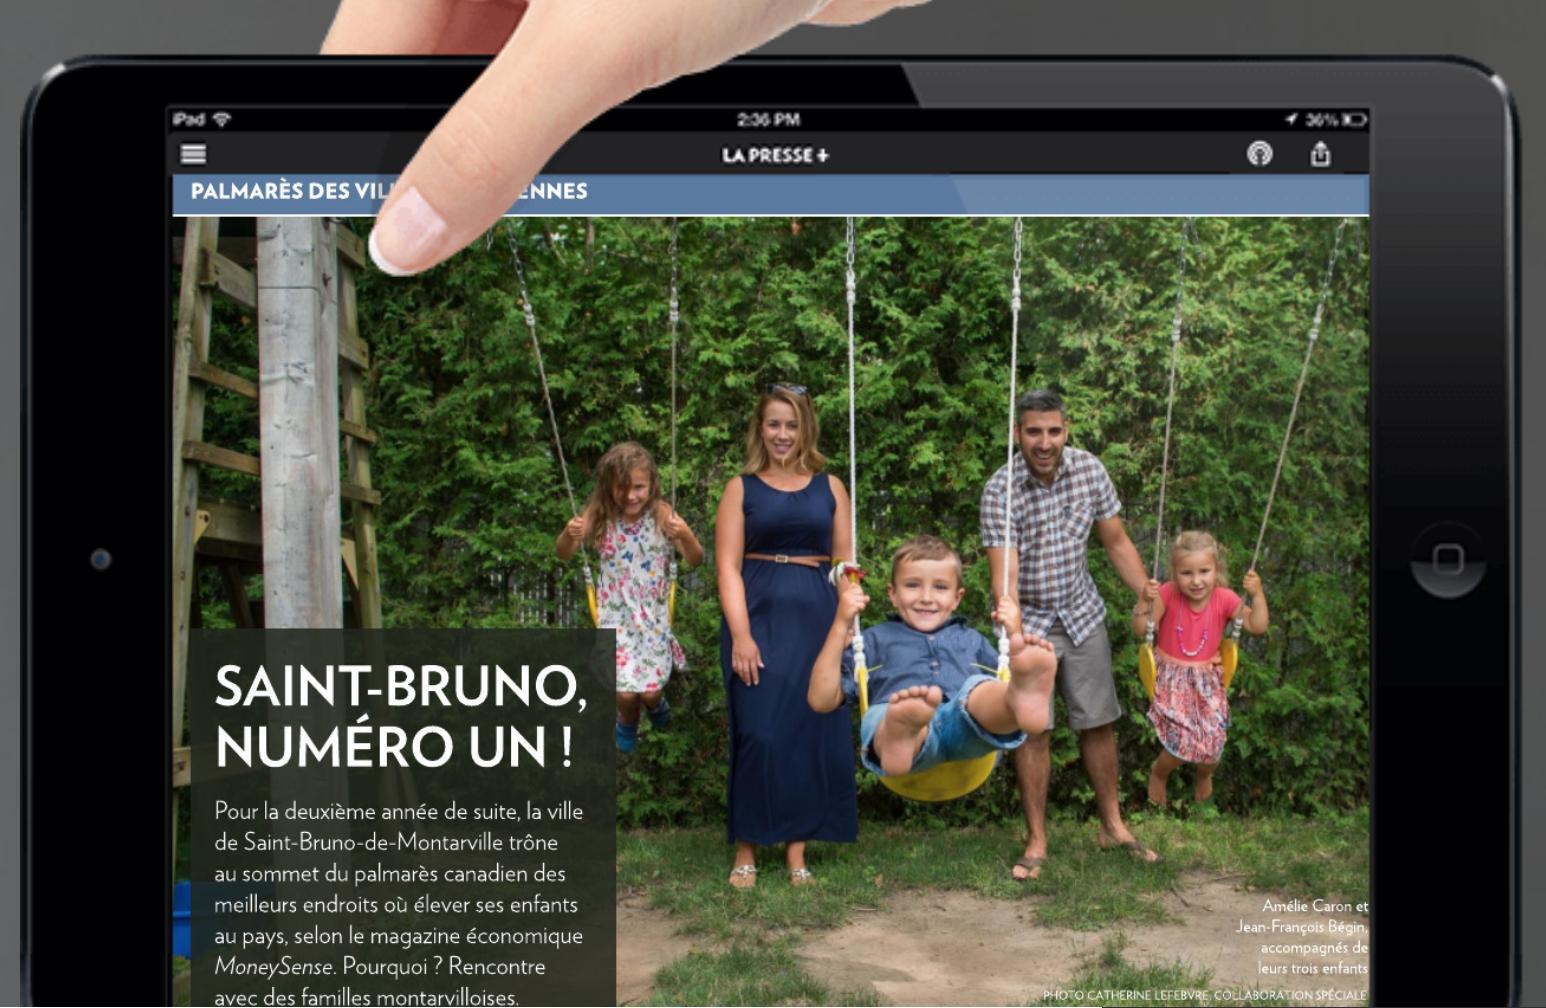 PALMARÈS CANADIEN DES MEILLEURS ENDROITS OÙ ÉLEVER SES ENFANTS SAINT-BRUNO, NUMÉRO UN !